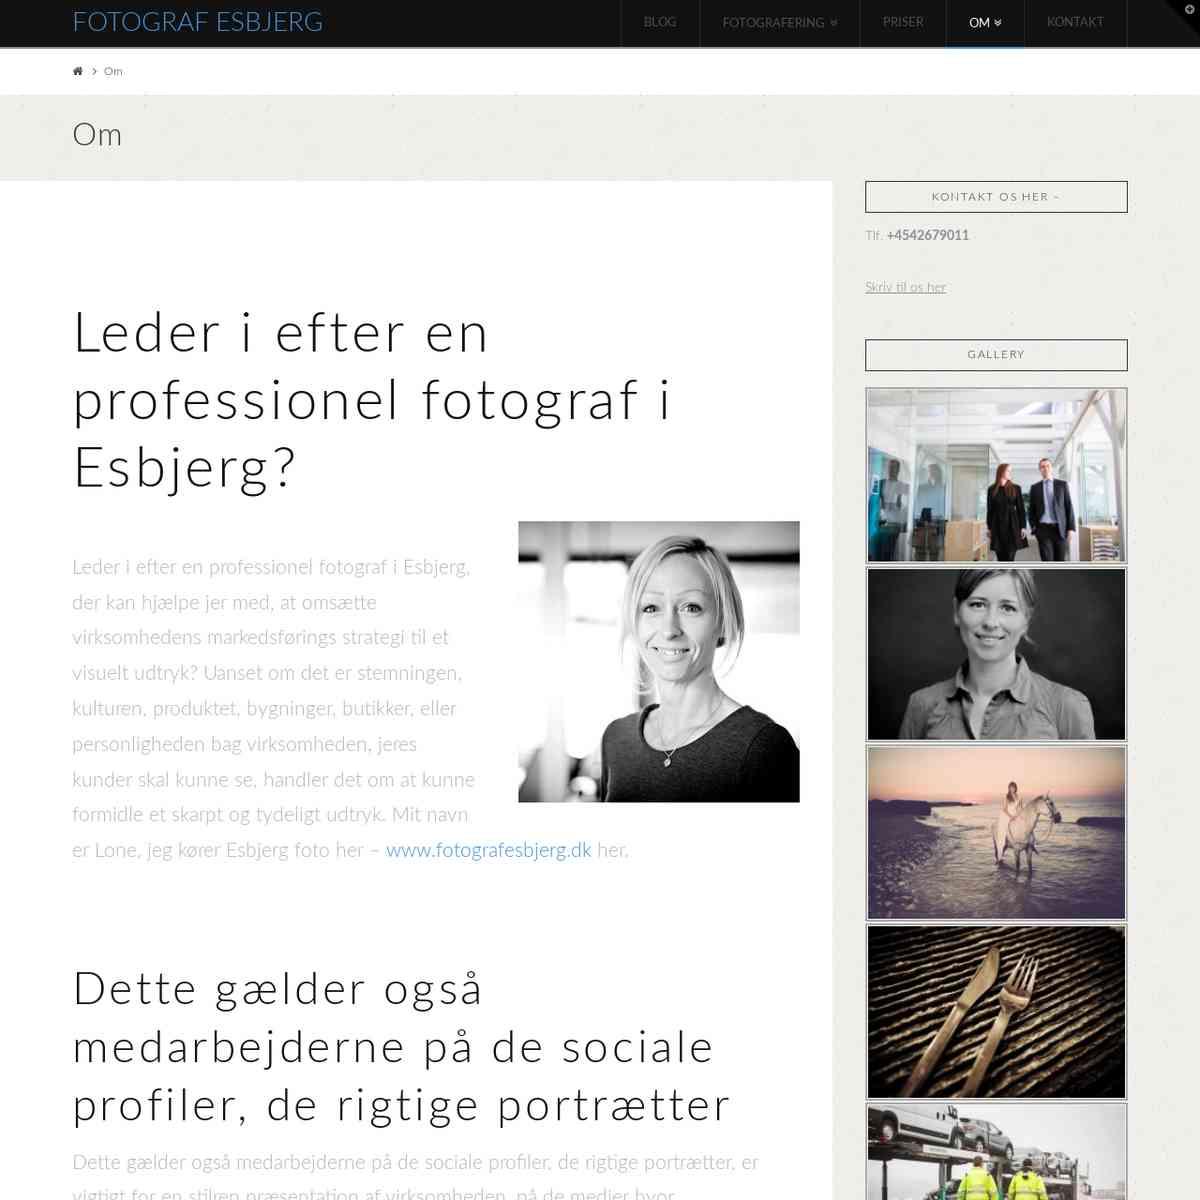 Om fotografen